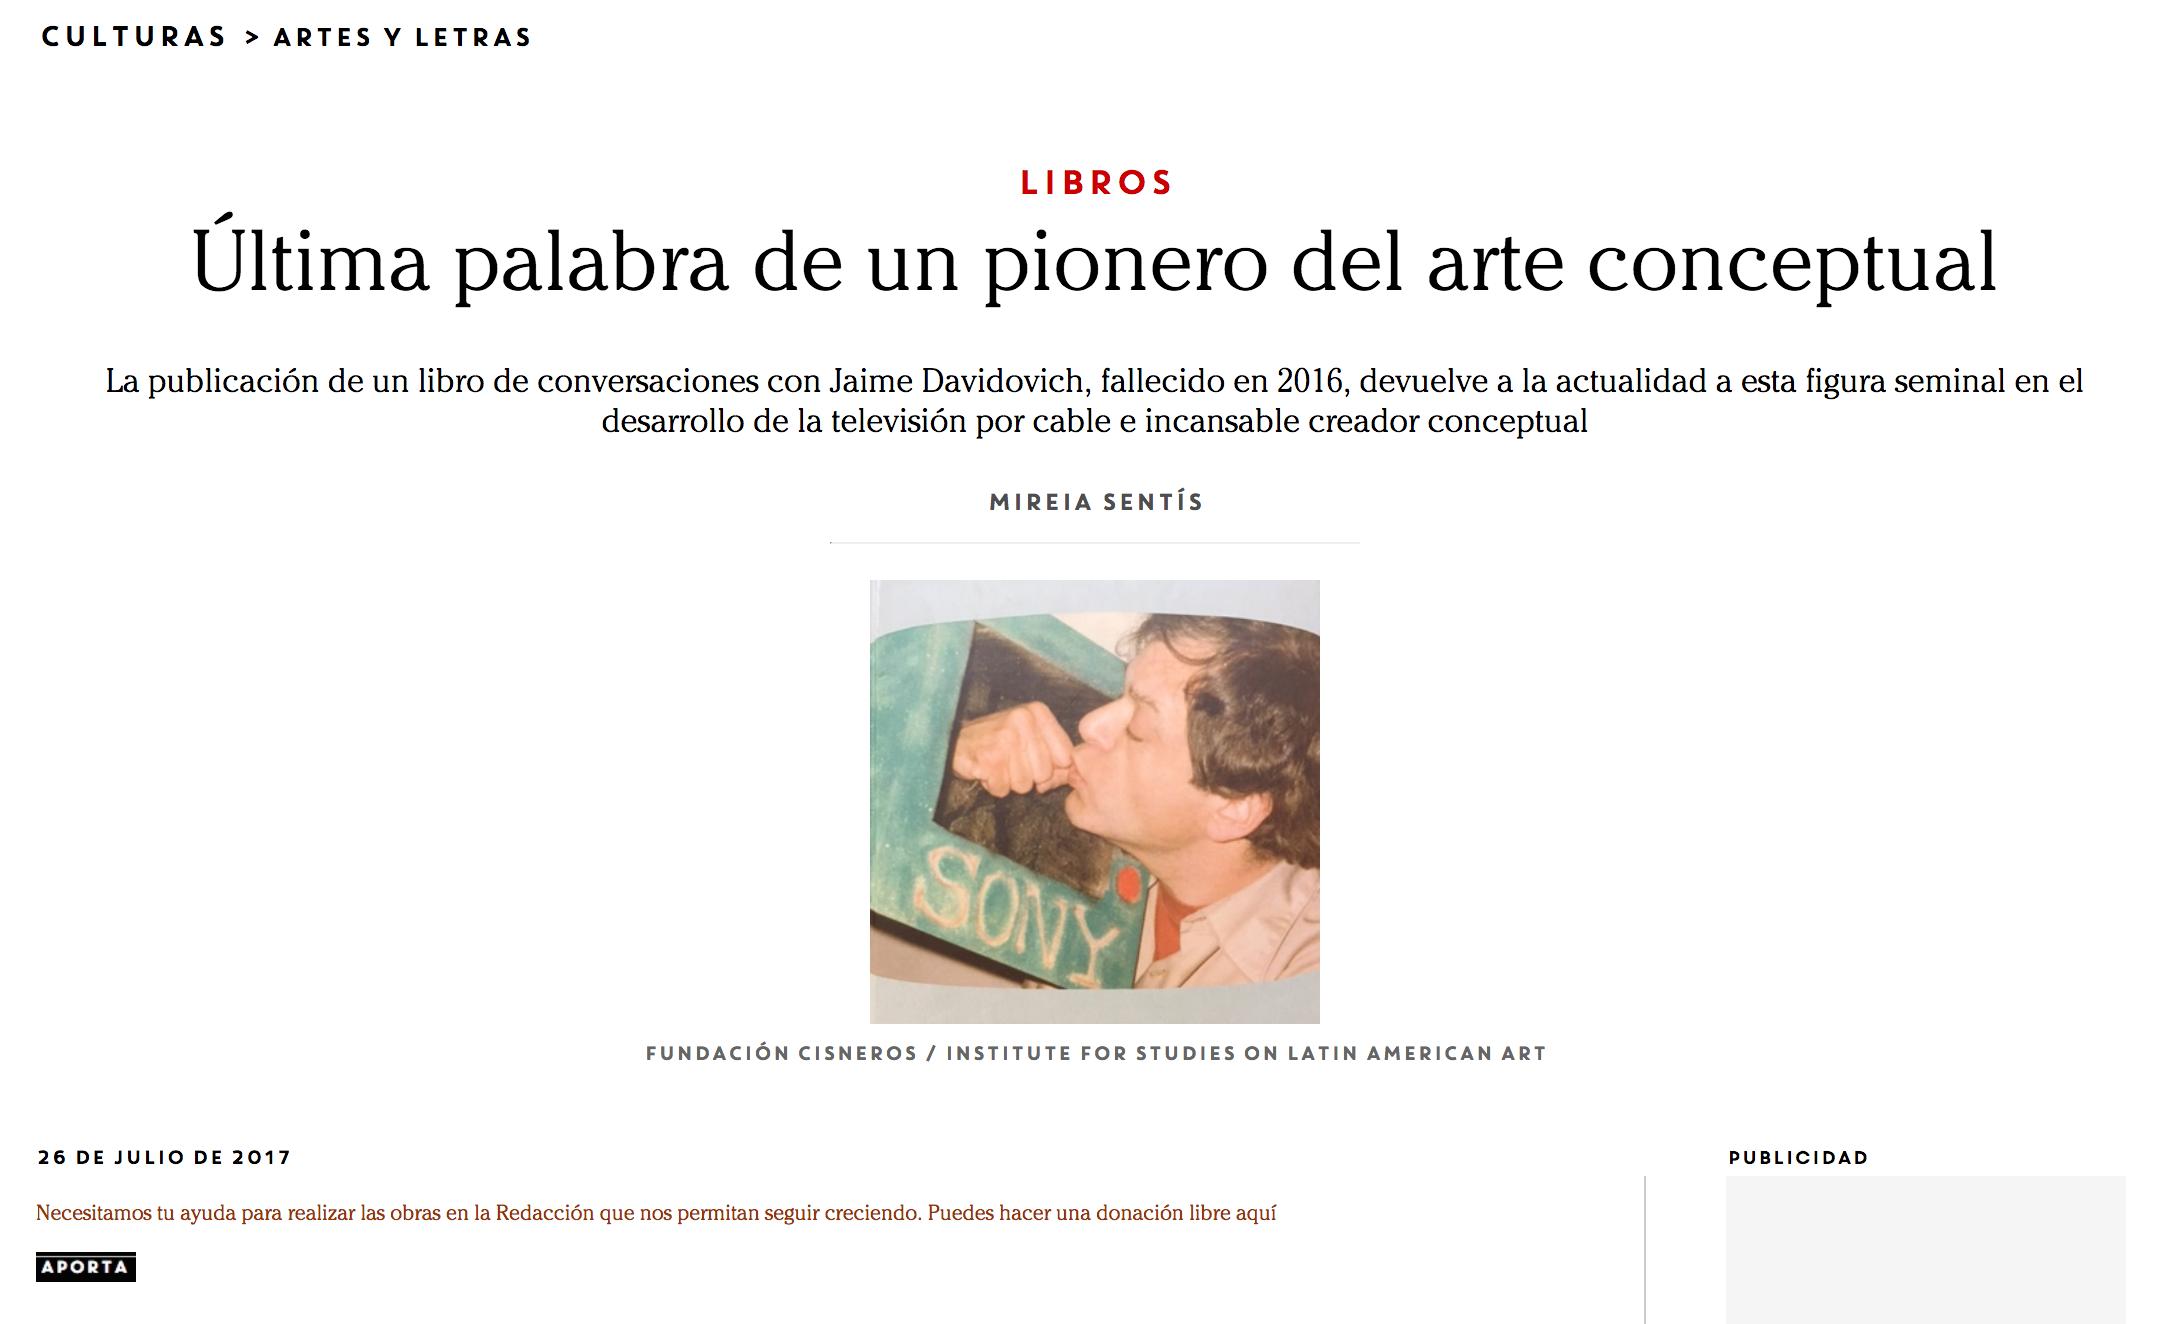 Última palabra de un pionero del arte conceptual - Revista Contexto - June 26th, 2017